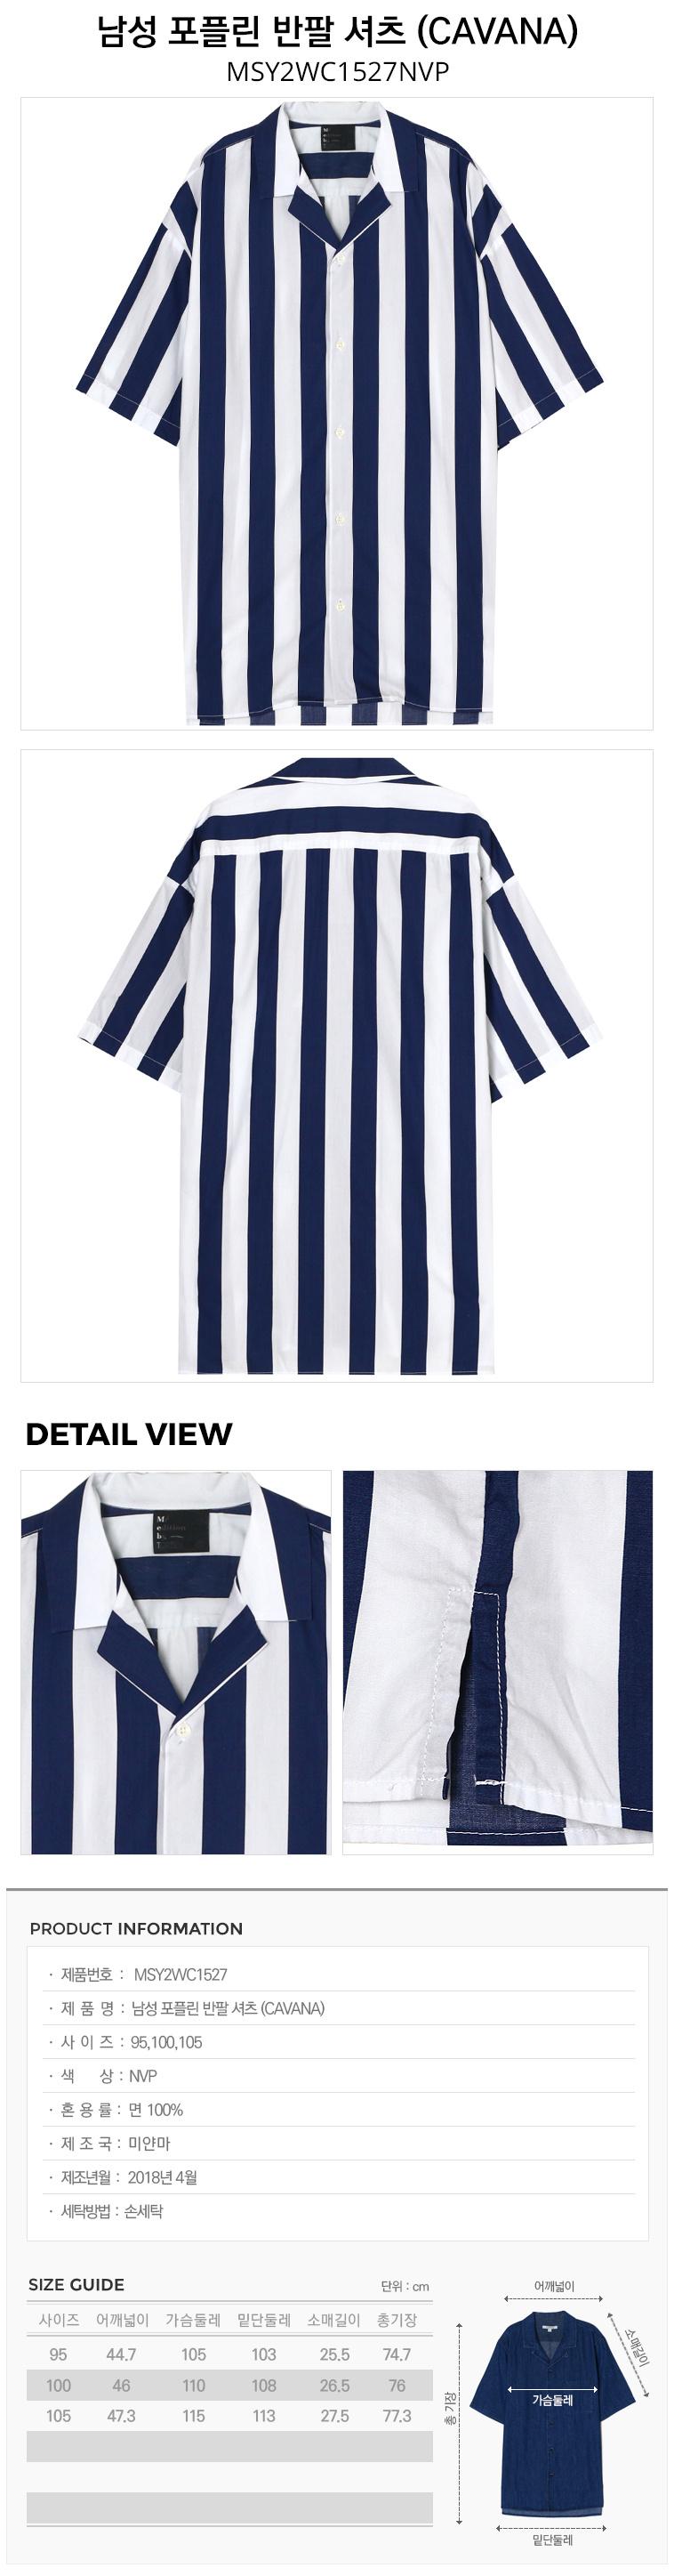 탑텐(TOPTEN) 남성 포플린 반팔 셔츠 CAVANA (NVP)_MSY2WC1527